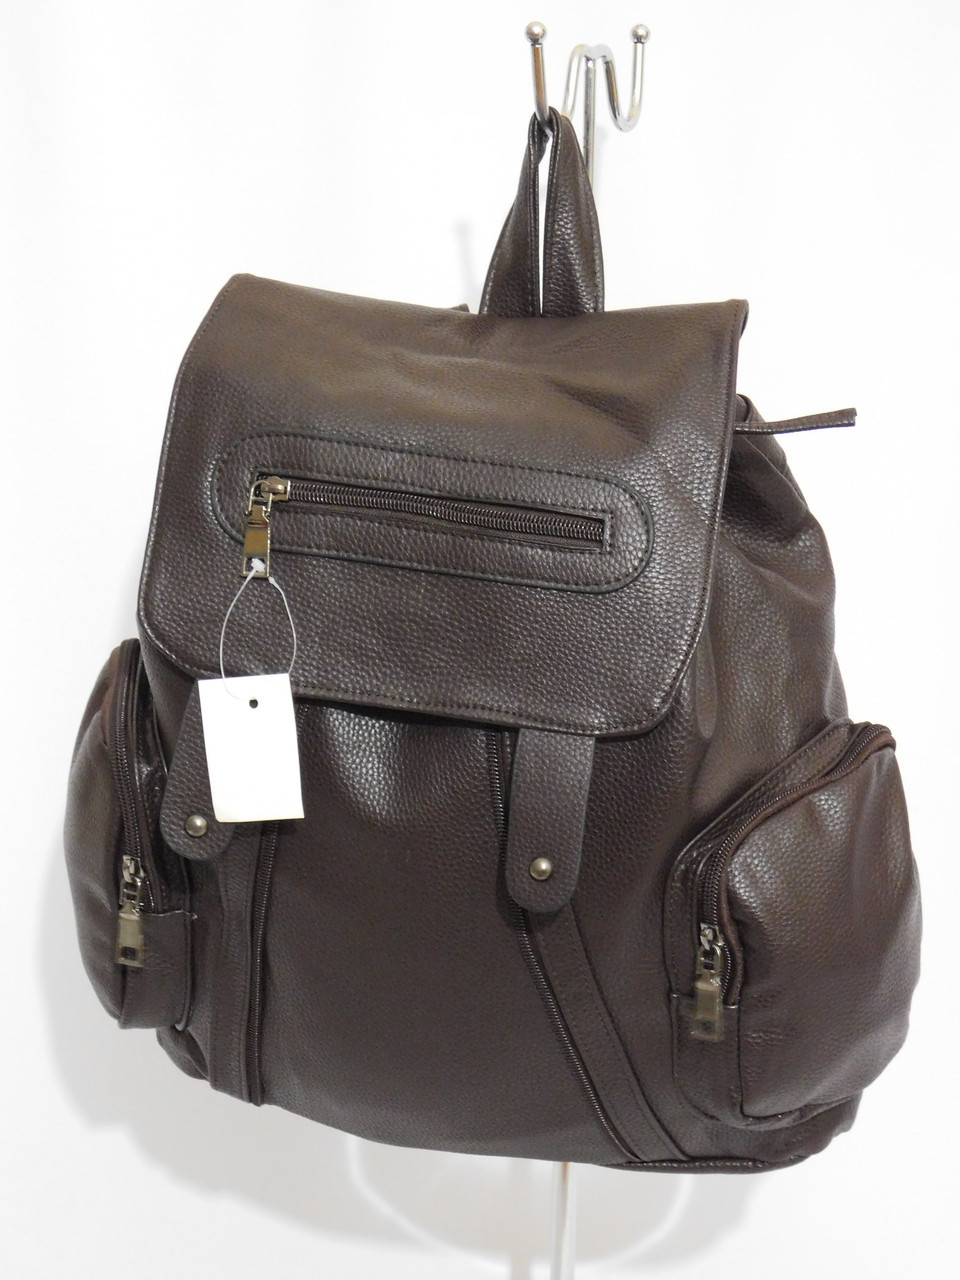 Рюкзак три кармана где купить в москве рюкзаки eastpak